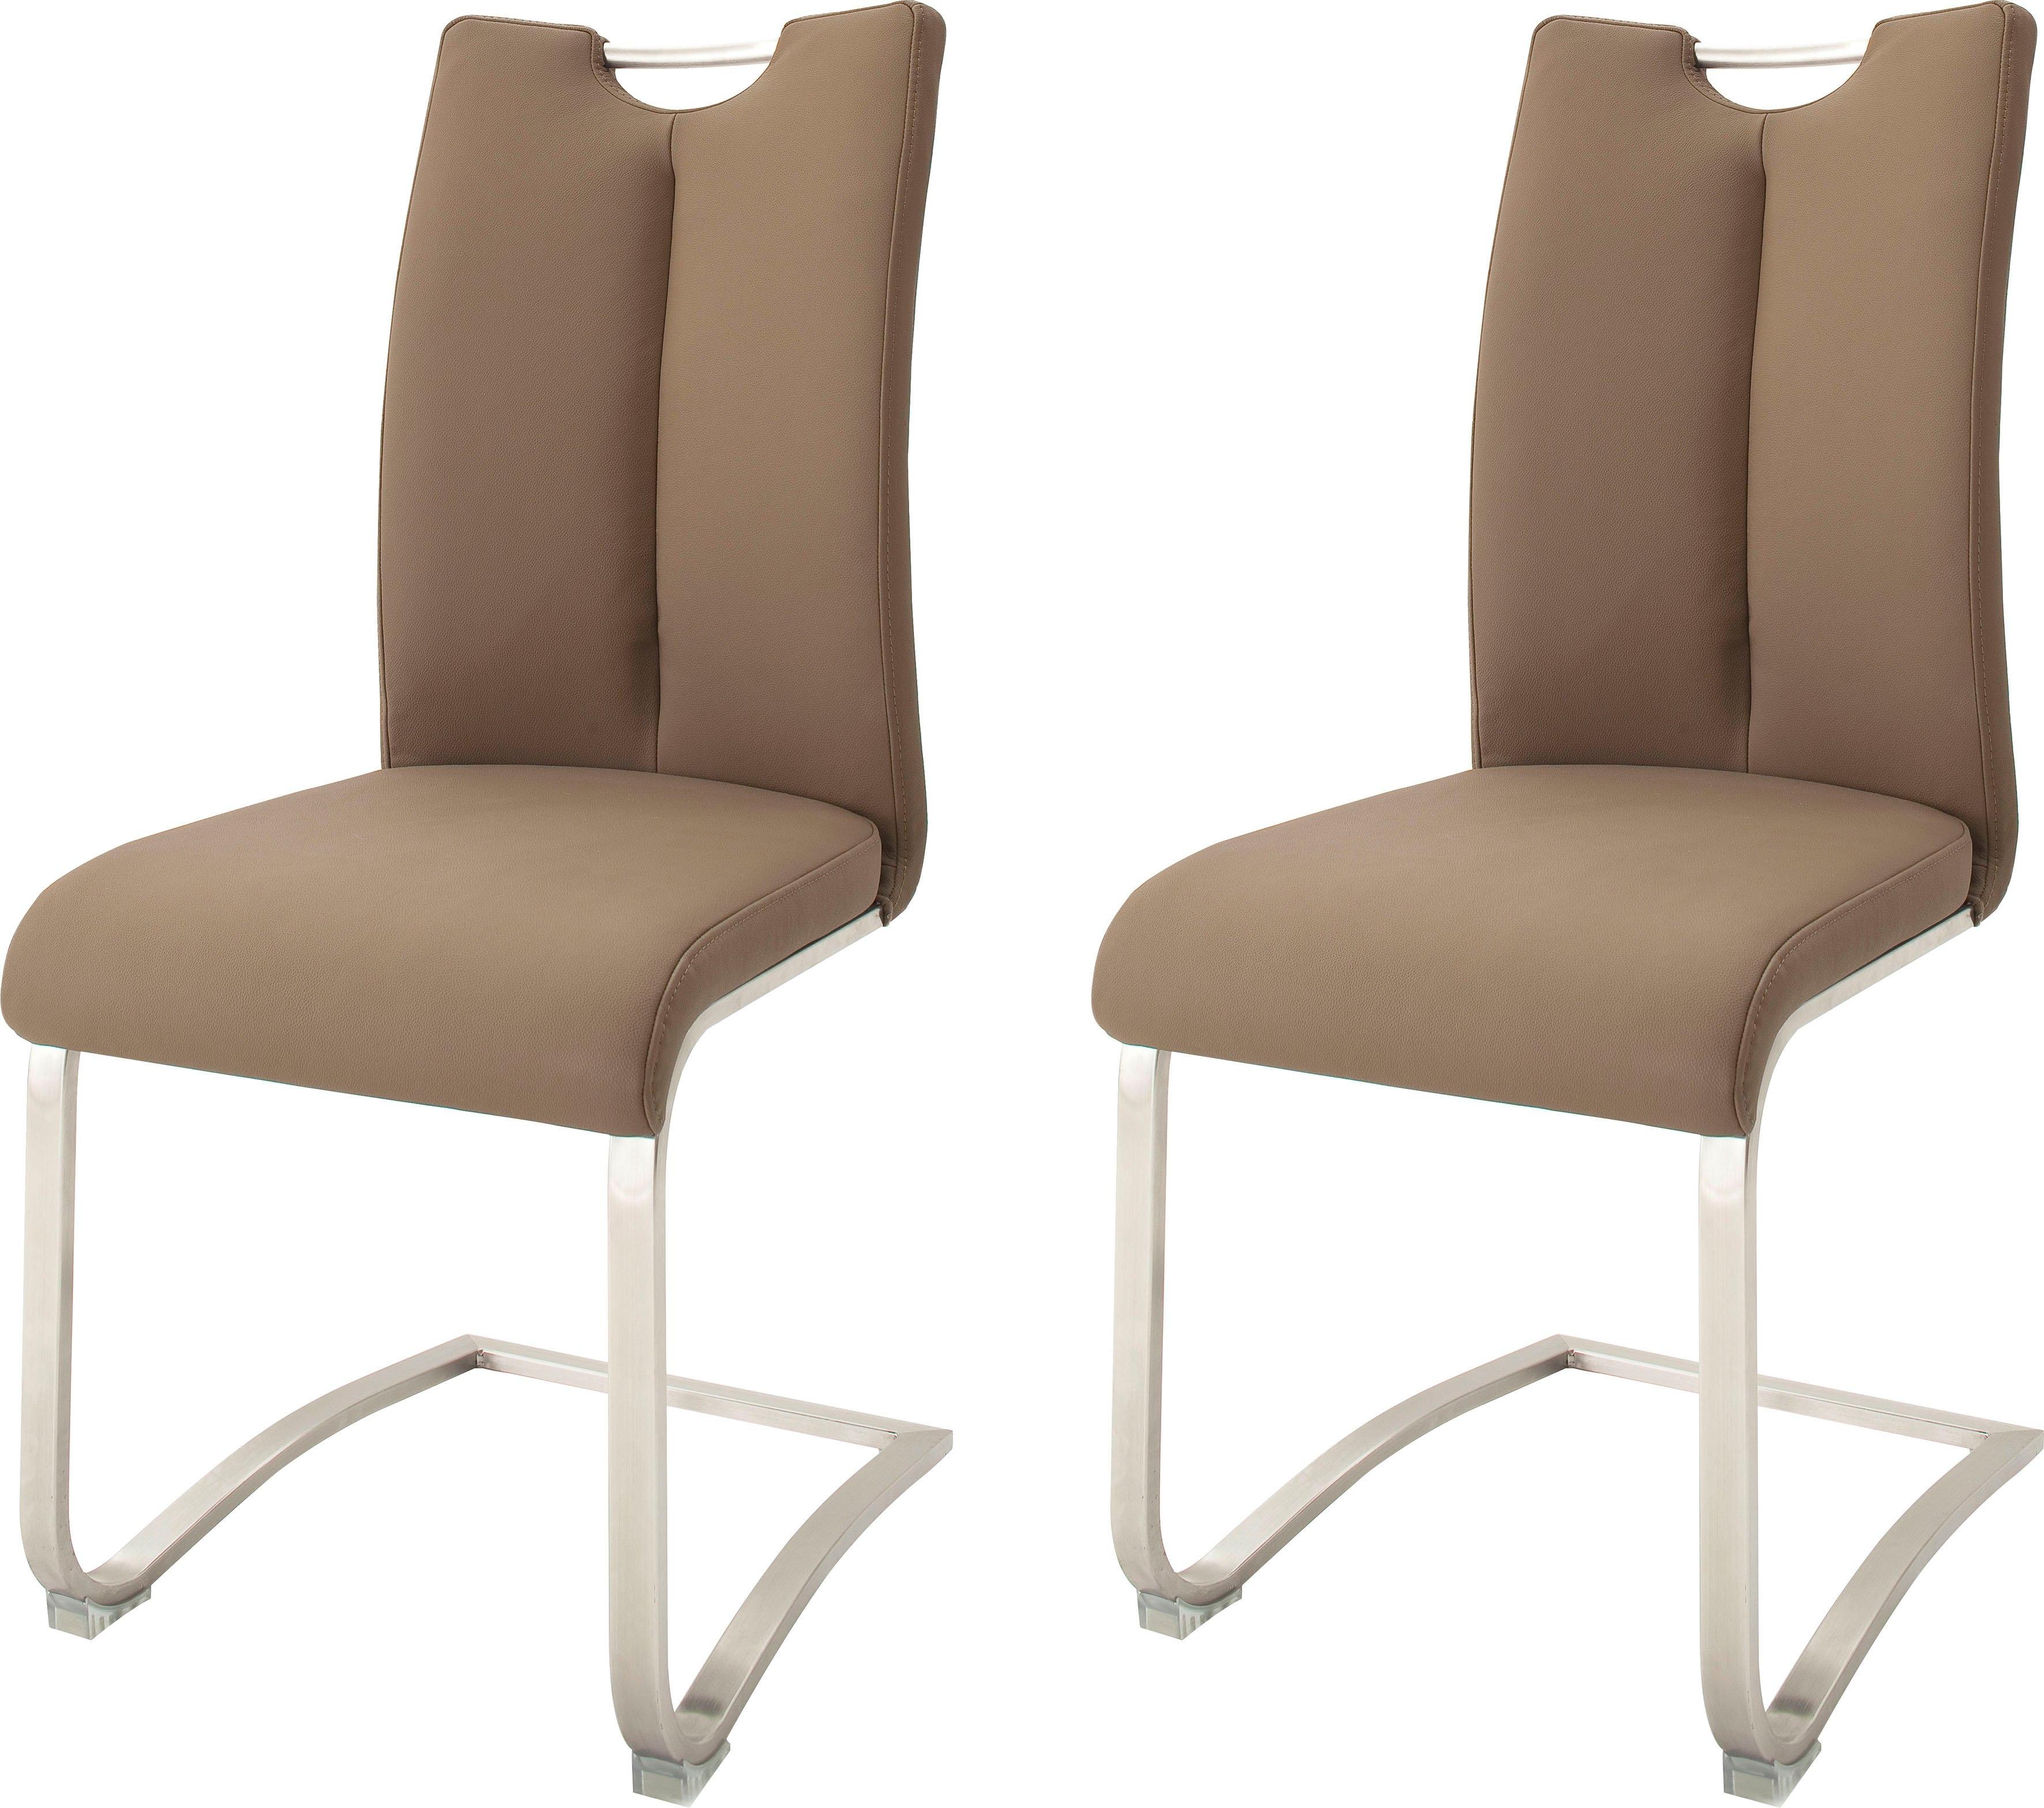 MCA furniture vrijdragende stoel ARTOS Stoel overtrokken met echt leer, tot 140 kg belastbaar (set, 2 stuks) goedkoop op otto.nl kopen